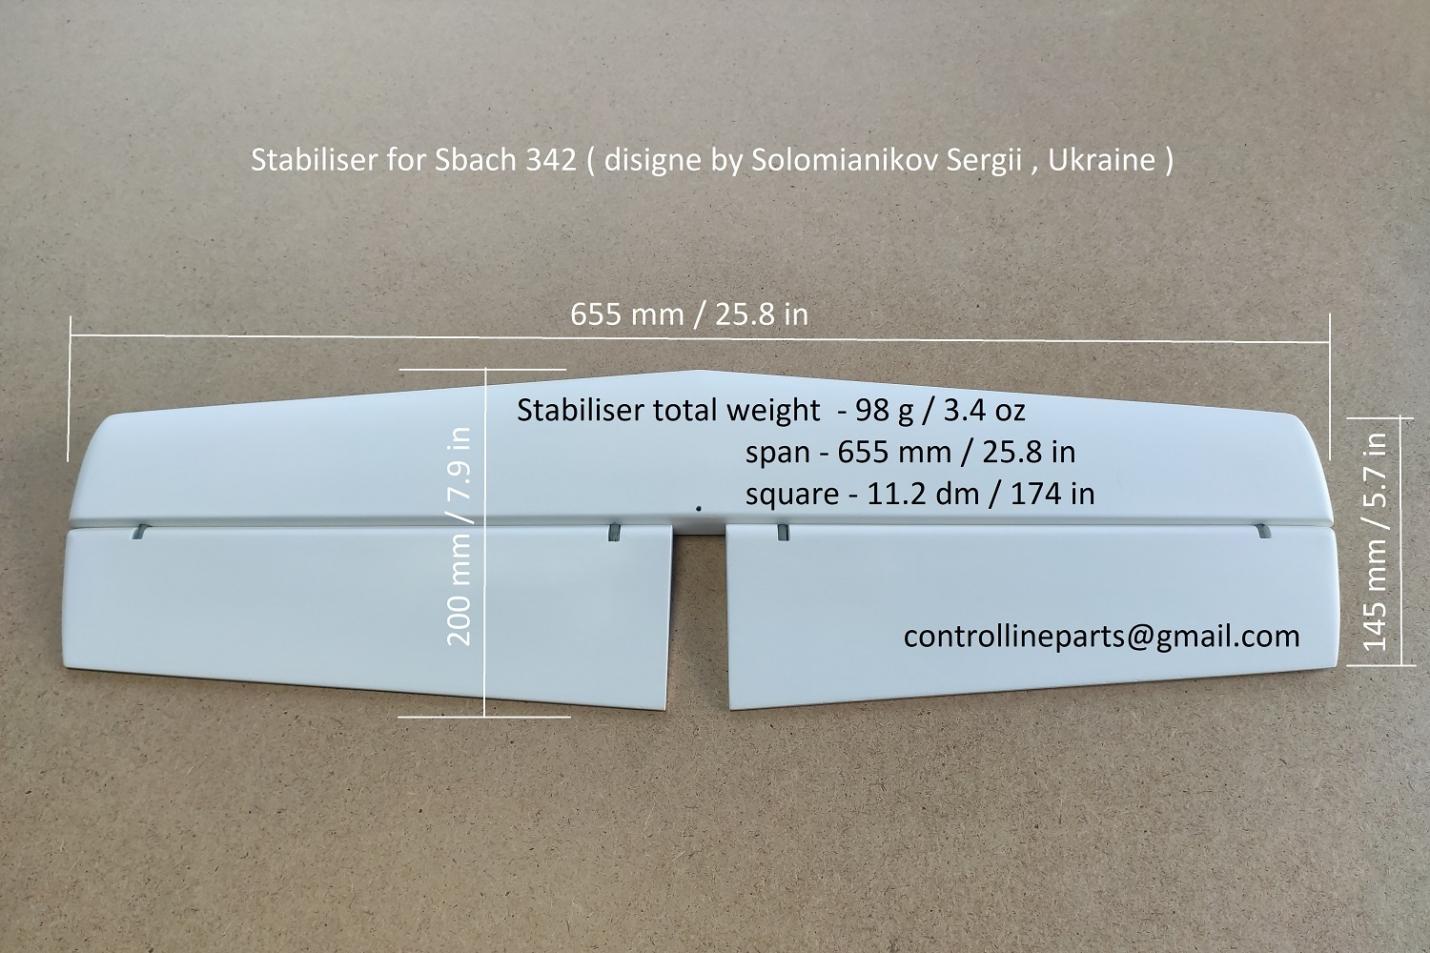 Stabiliser for Sbach 342